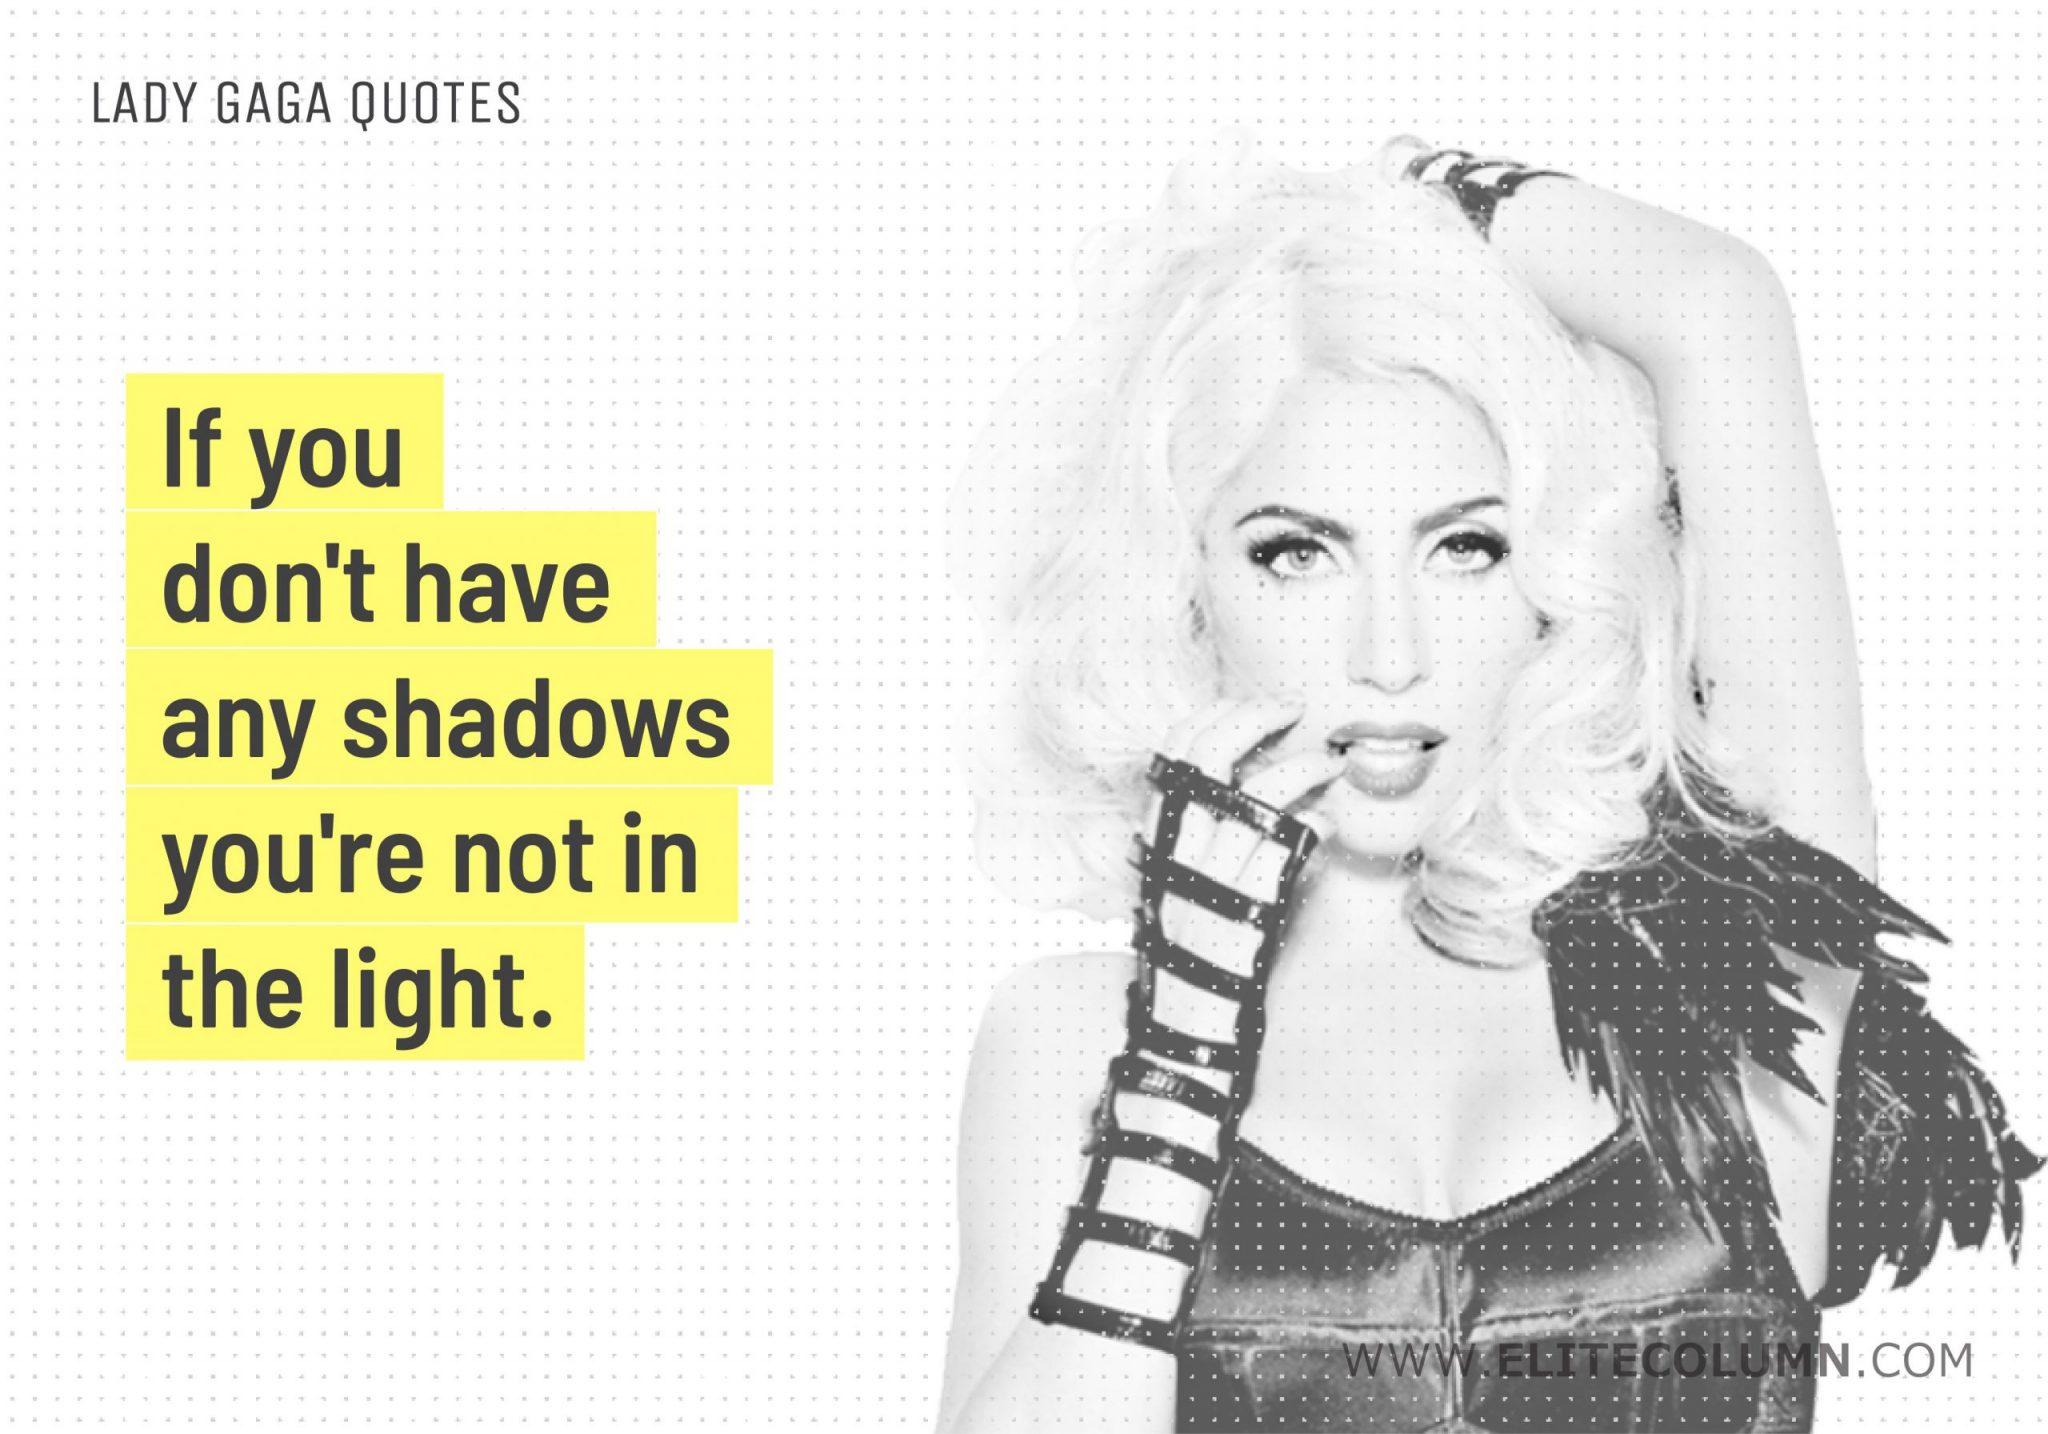 Lady Gaga Quotes (11)